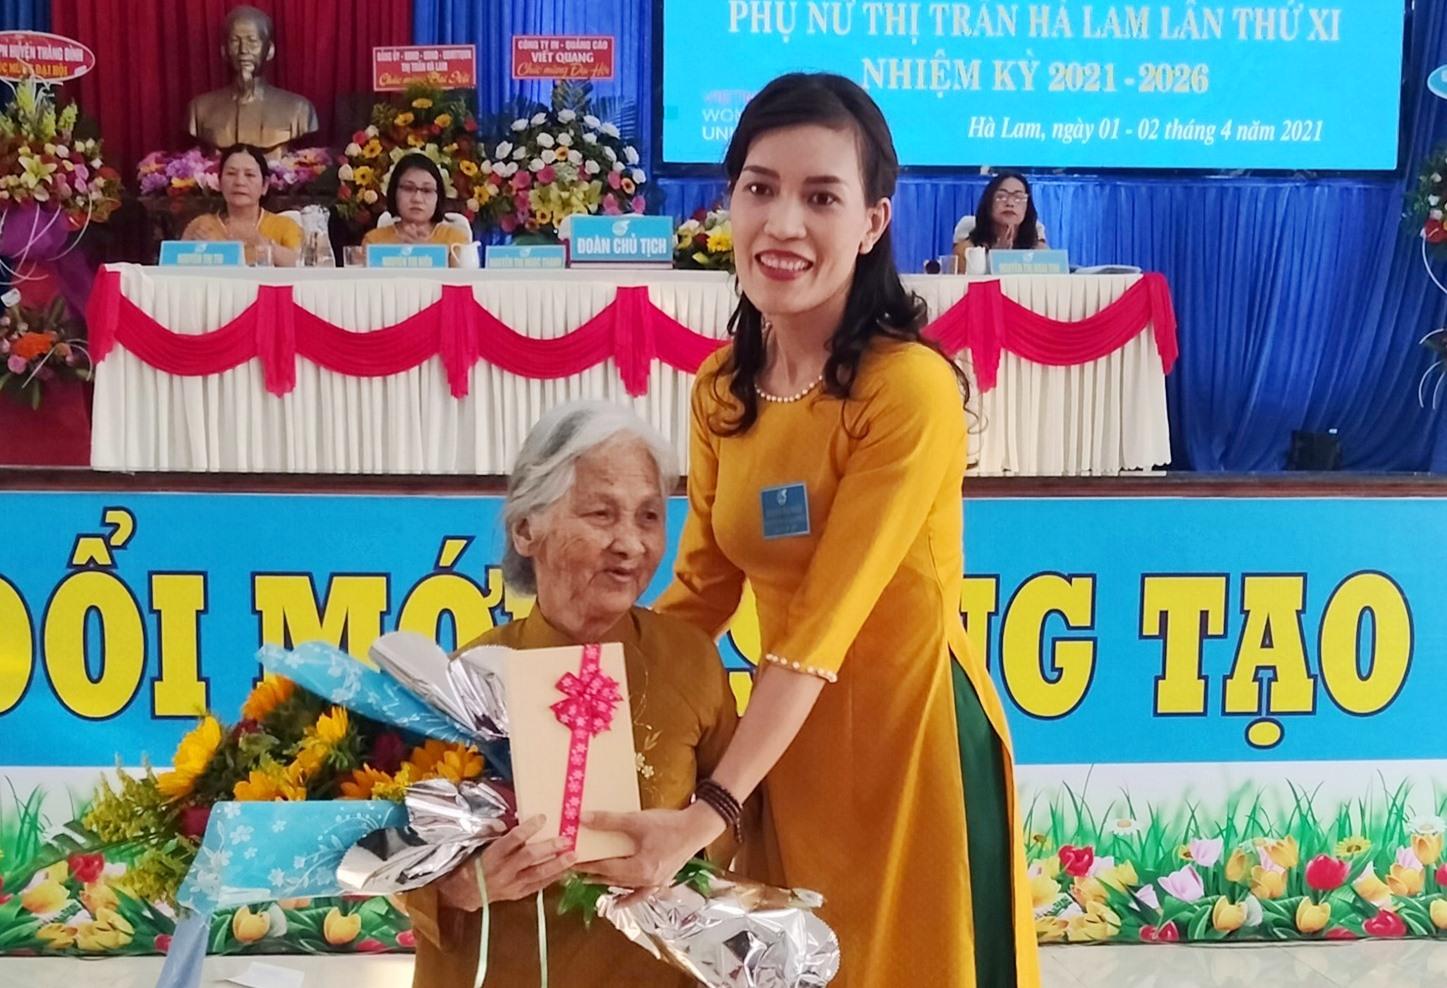 Hội LHPN thị trấn Hà Lam tặng quà cho mẹ Việt Nam anh hùng.